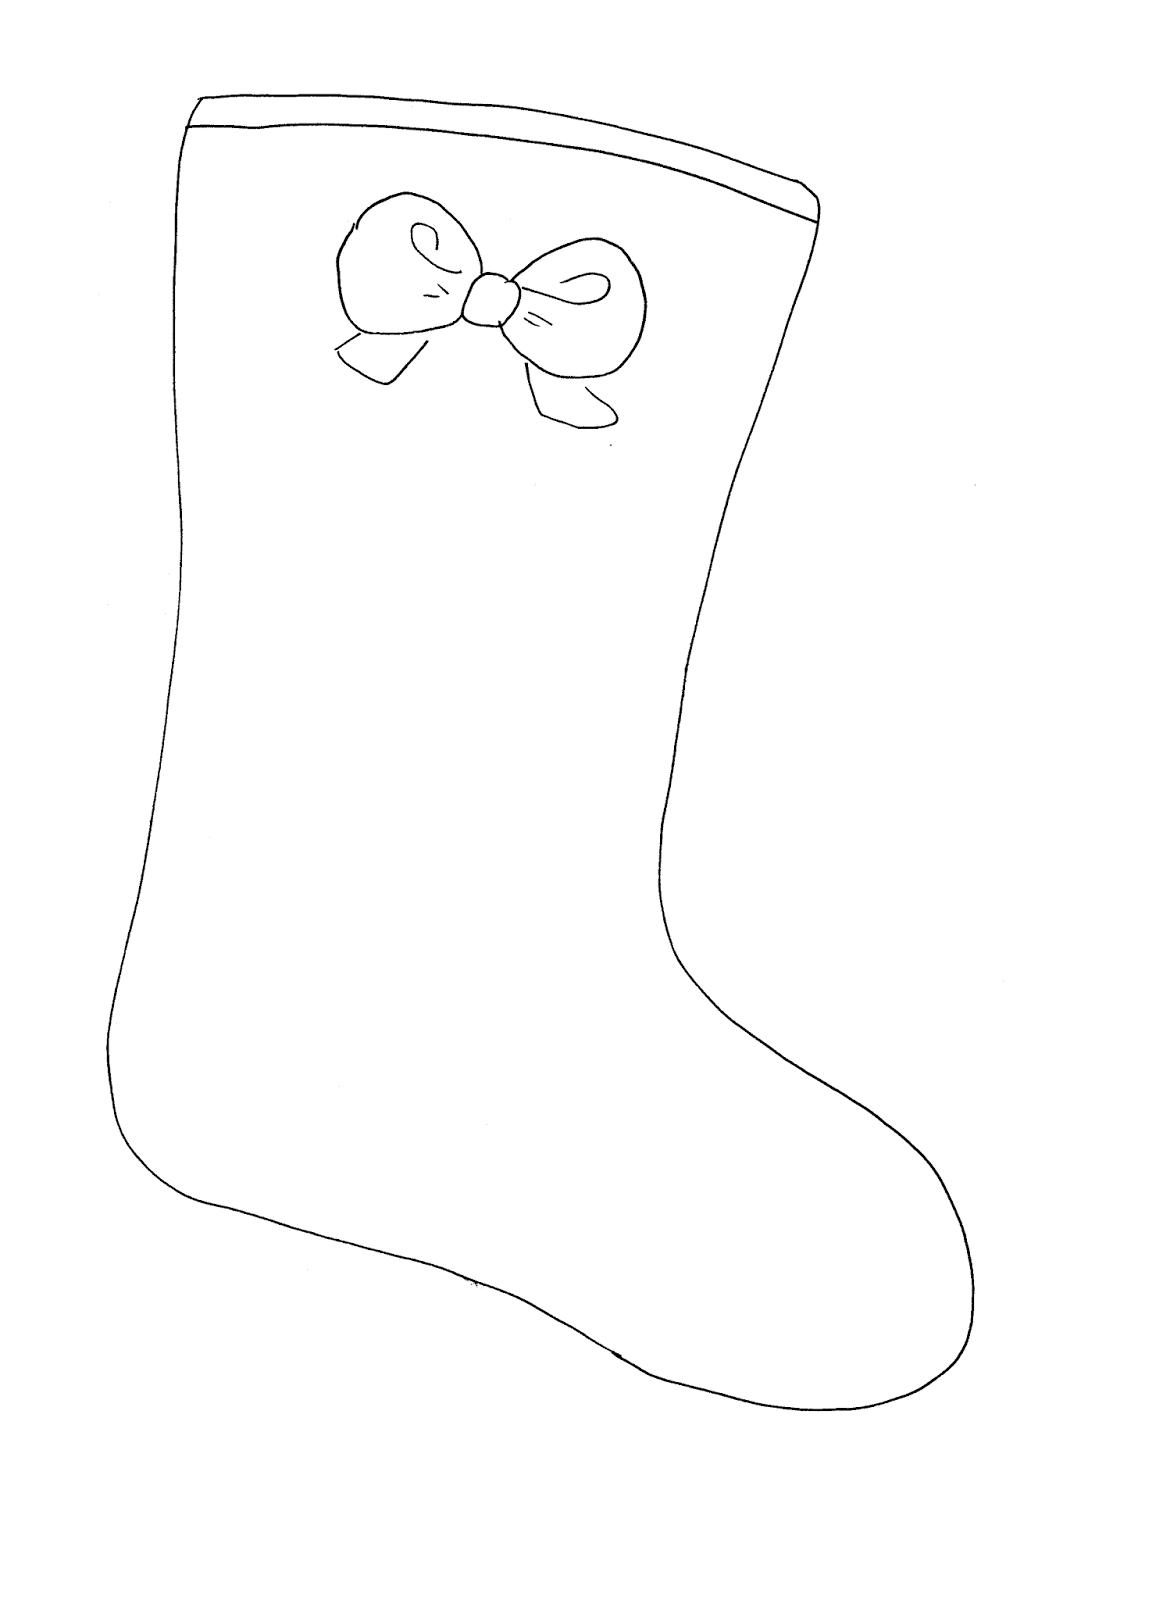 La maestra linda natale la calza della befana - Calza pagine da colorare ...